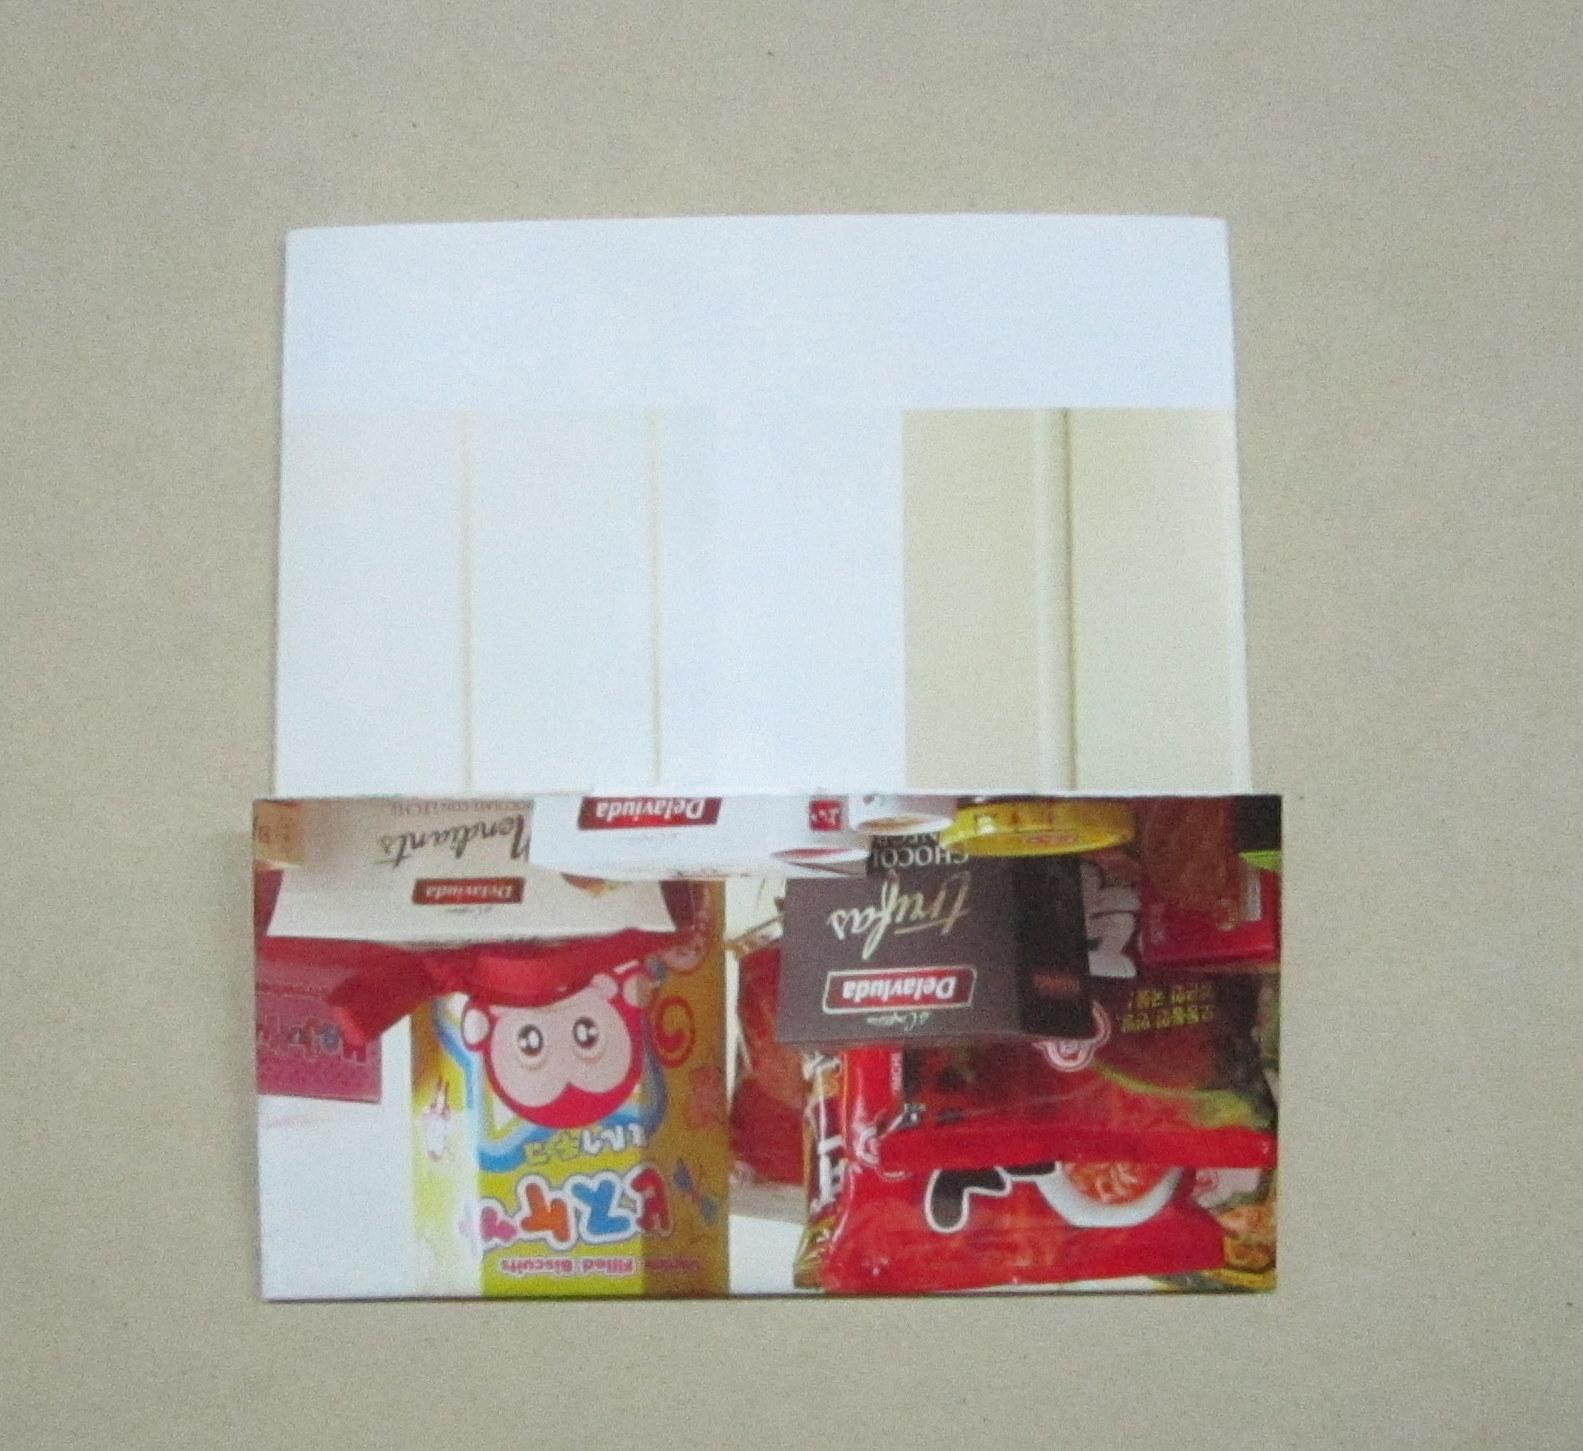 พับถุง,เมคราเม่,ถุงของขวัญ ,พับกระดาษจาก,ทำจากเศษวัสดุ,ไอเดียใช้ของในบ้าน,diy reuse magazine paper,reuse paper,souvenir bag,diy bag from paper,diy souvenir,tutorial paper bag,how to from reuse magazine